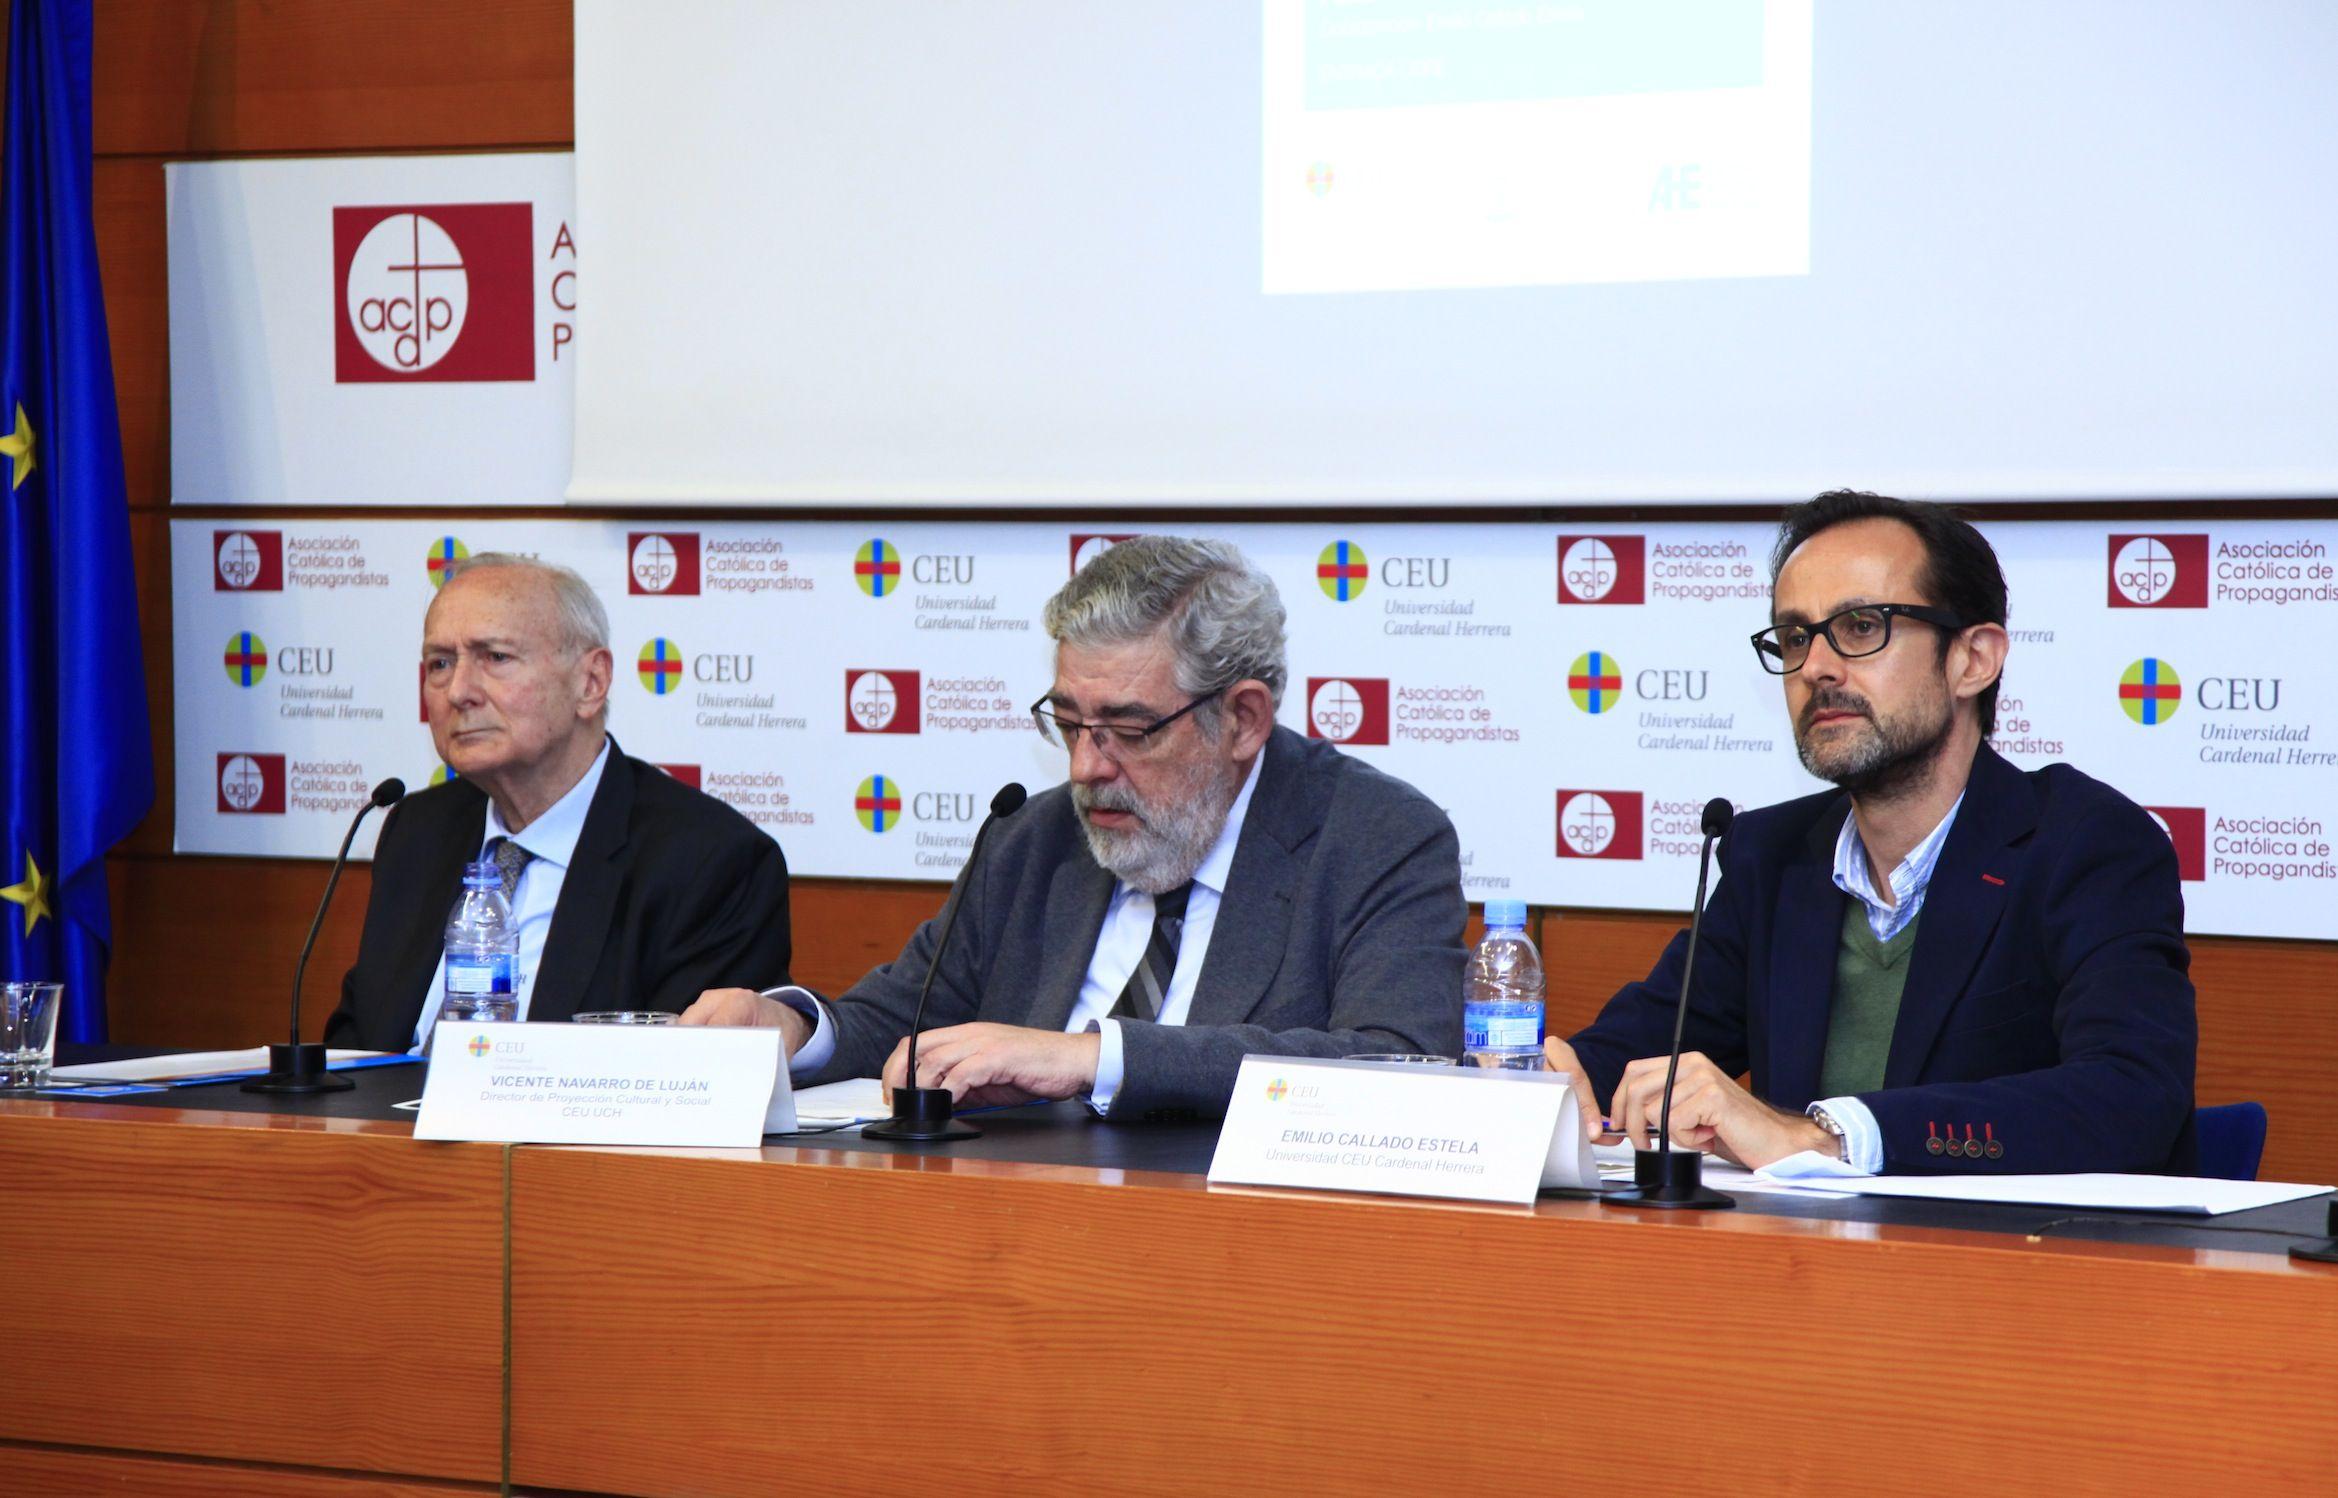 Juan María Laboa, Vicente Navarro de Luján y Emilio Callado, en la primera sesión de las Jornadas.